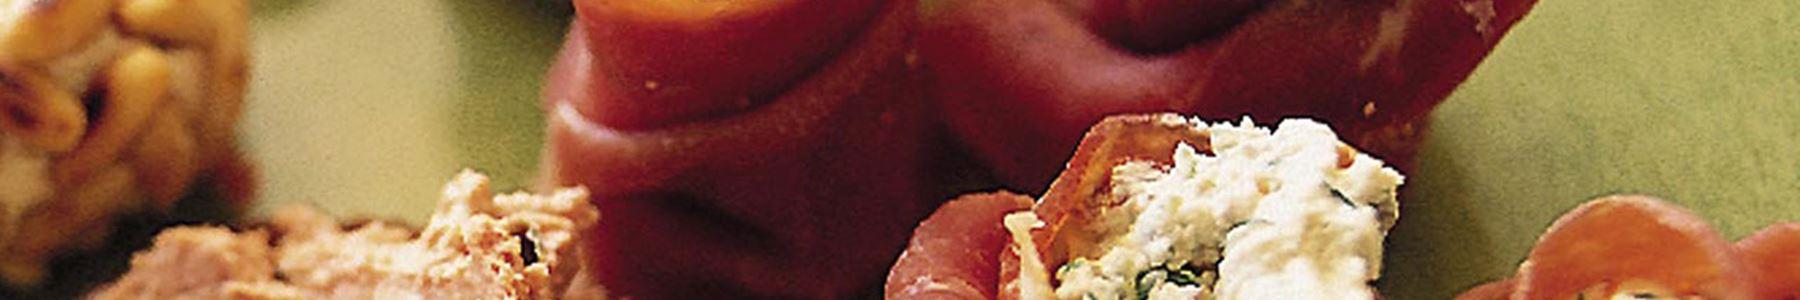 Kött + Buffé + Förrätt